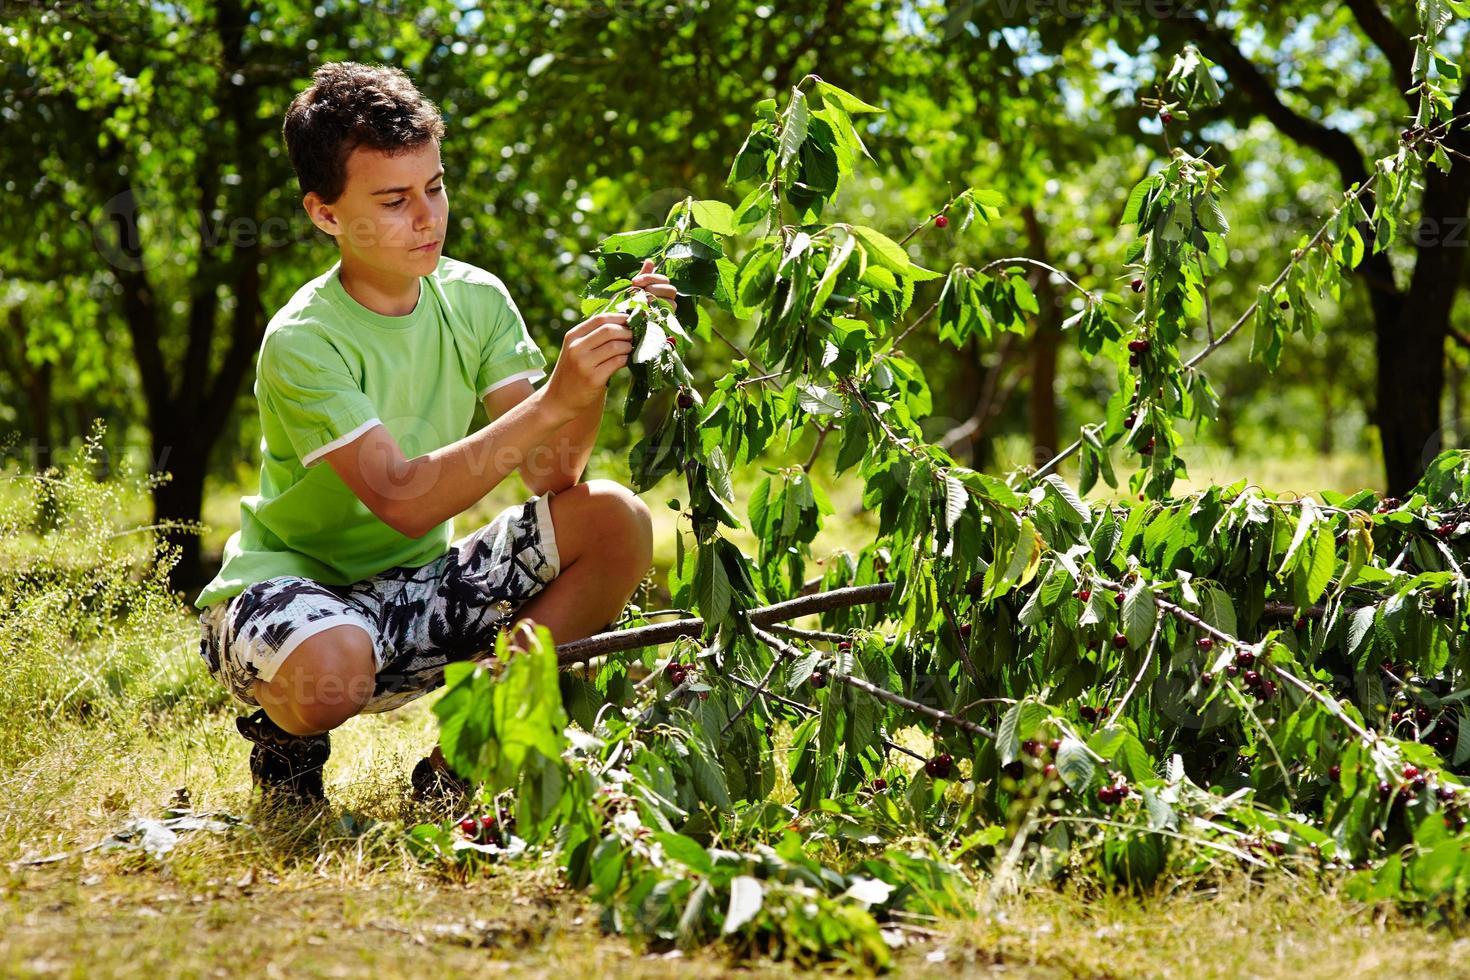 tonårsbarn plockar körsbär foto